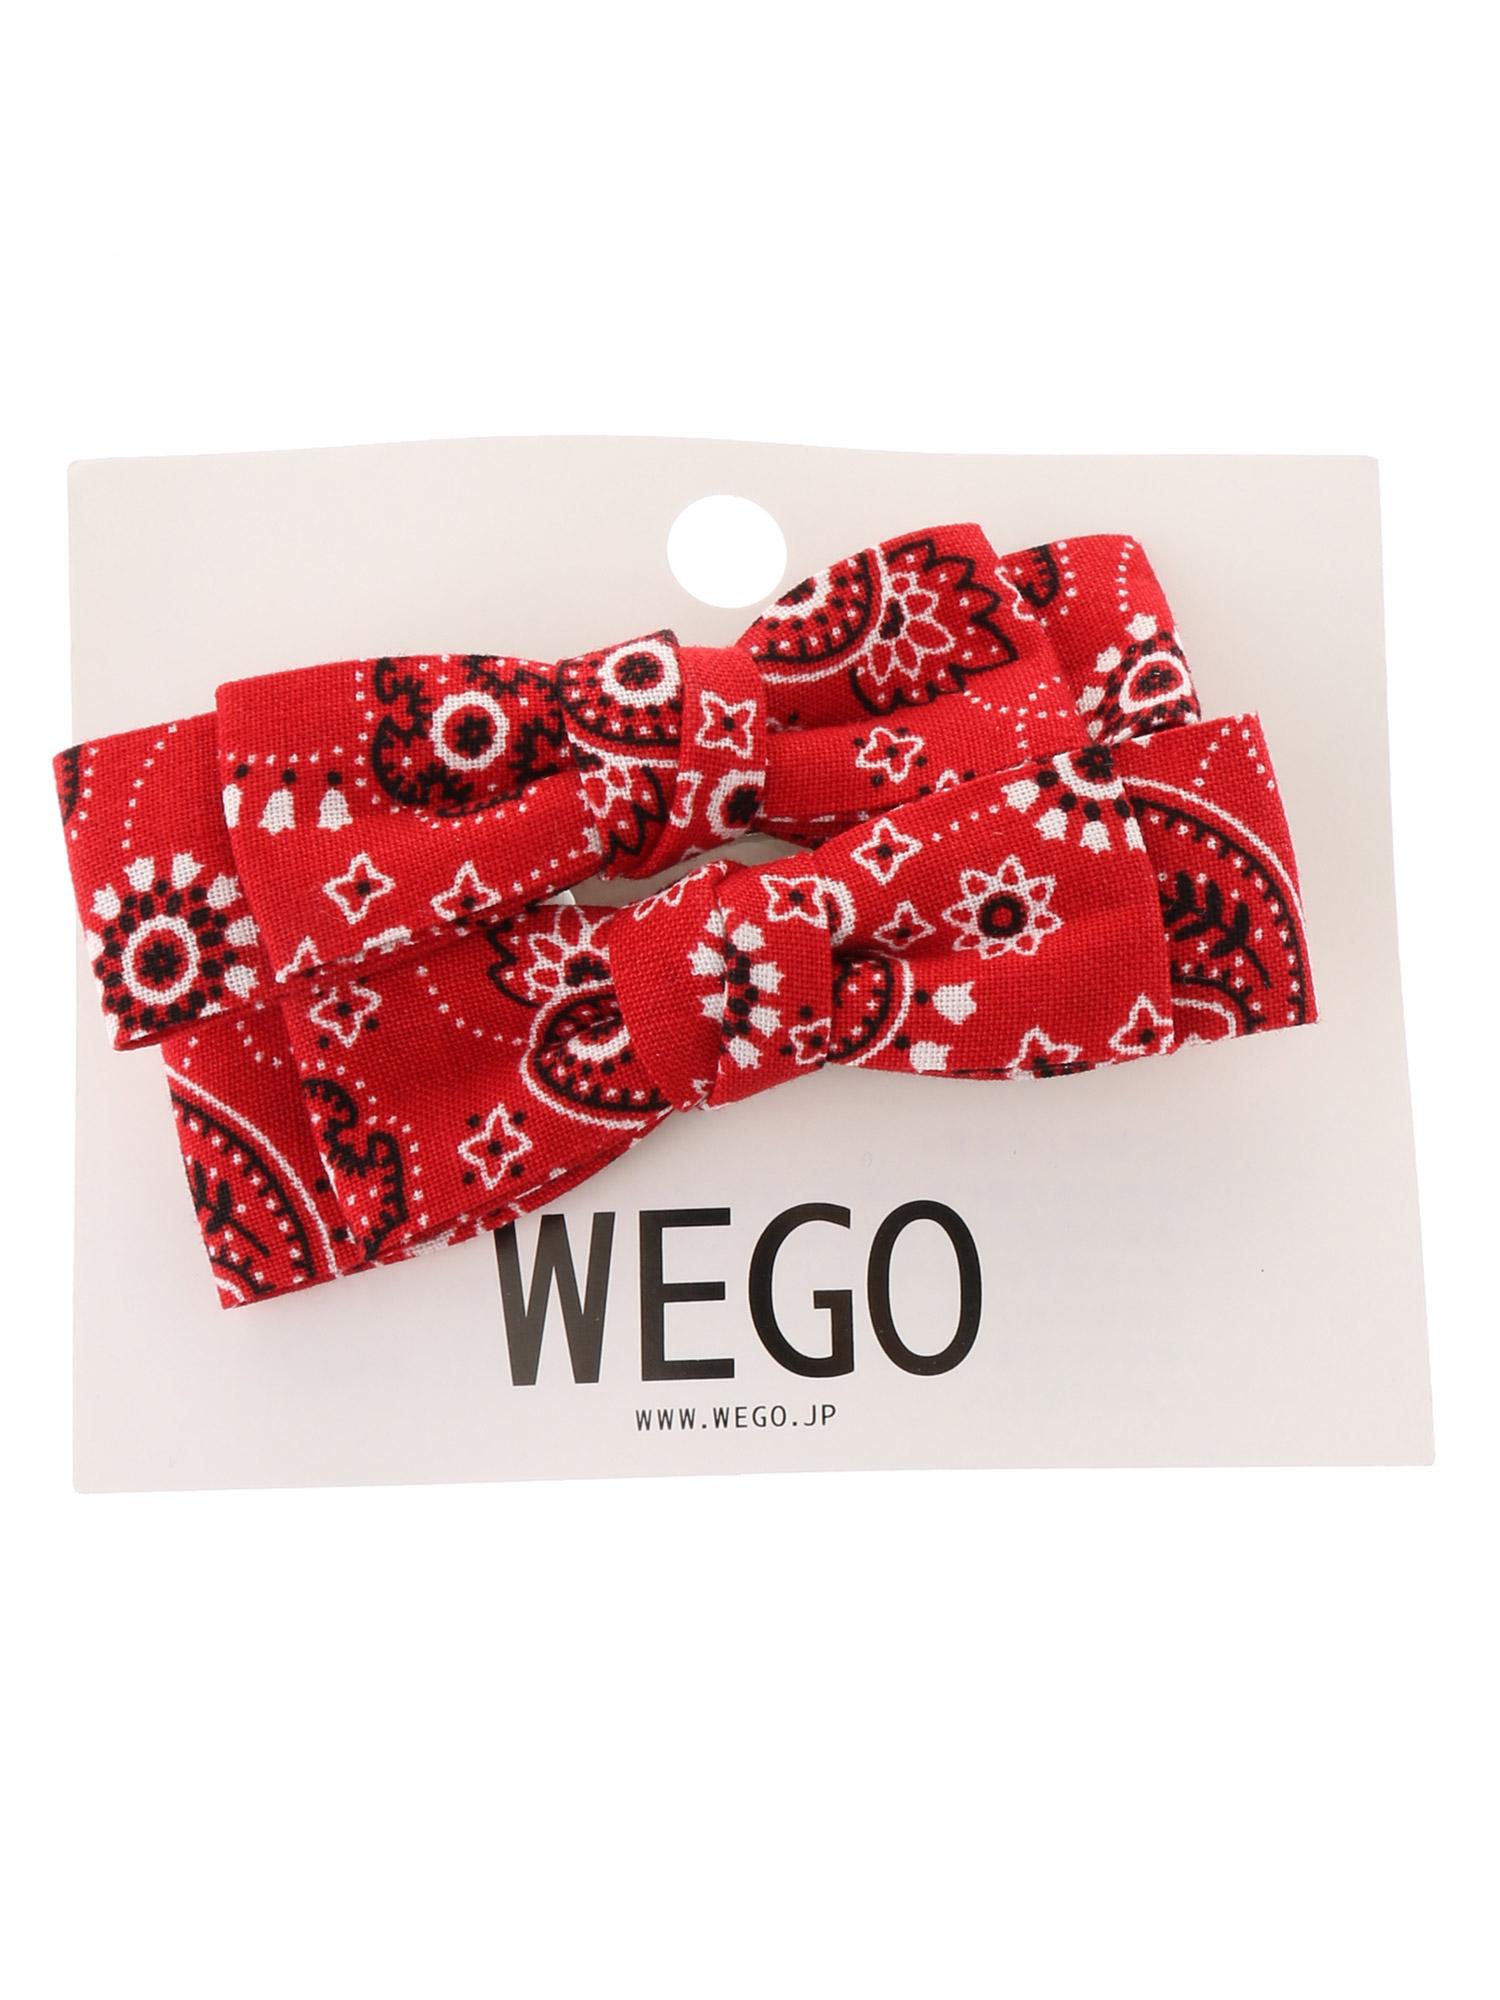 WEGO/ペイズリークリップ